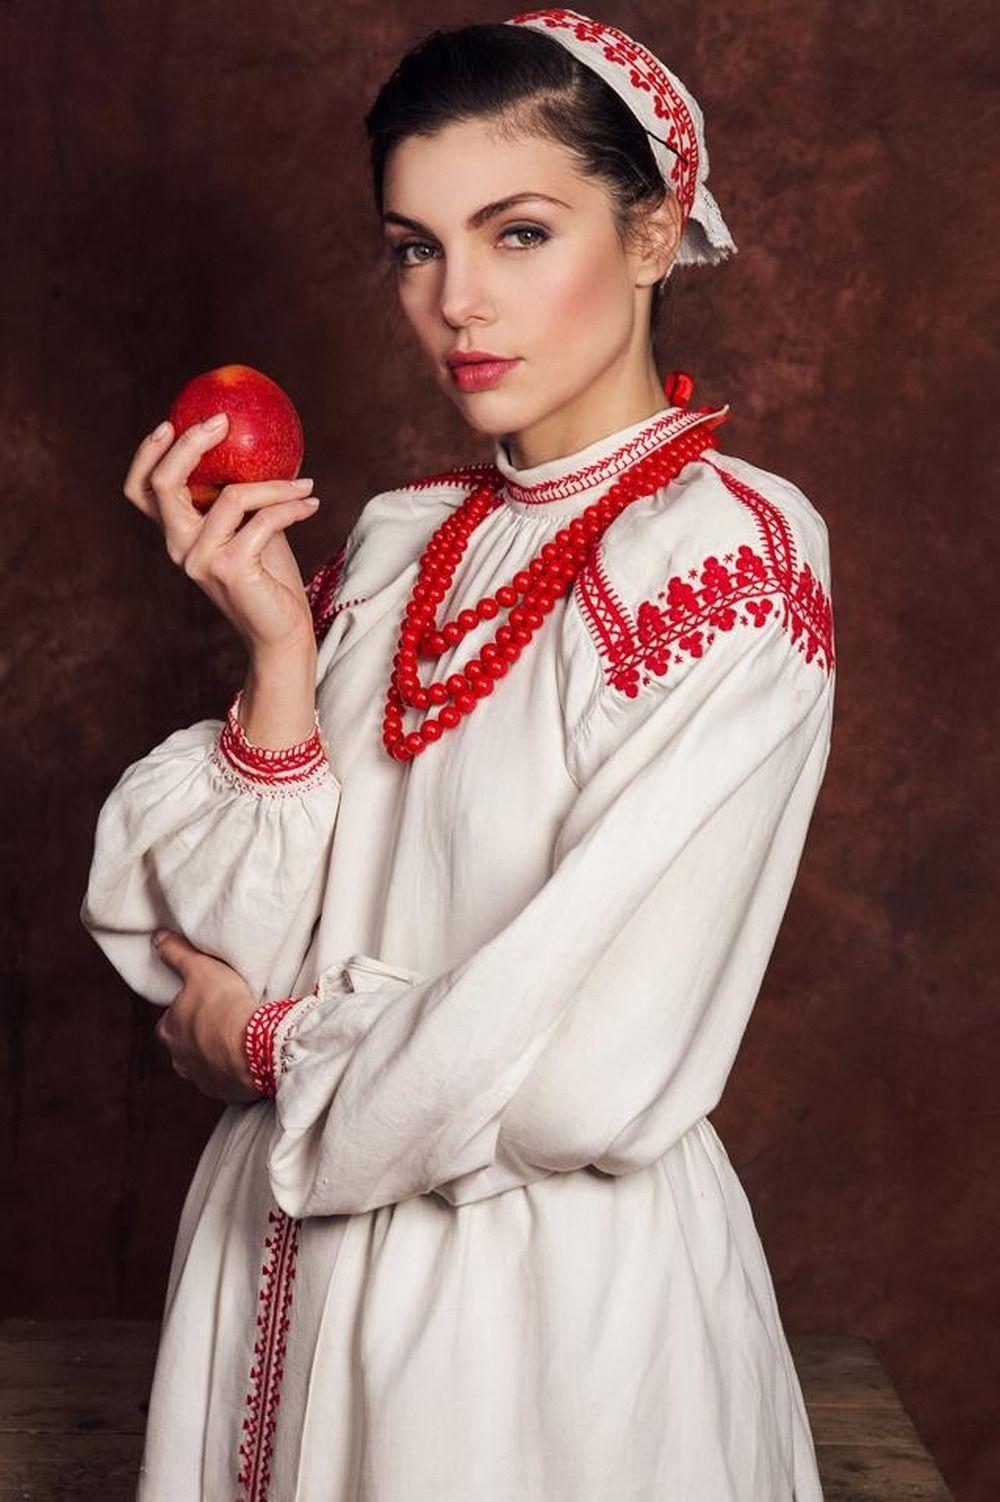 Actress Karolina Gorczyca in regional costume from